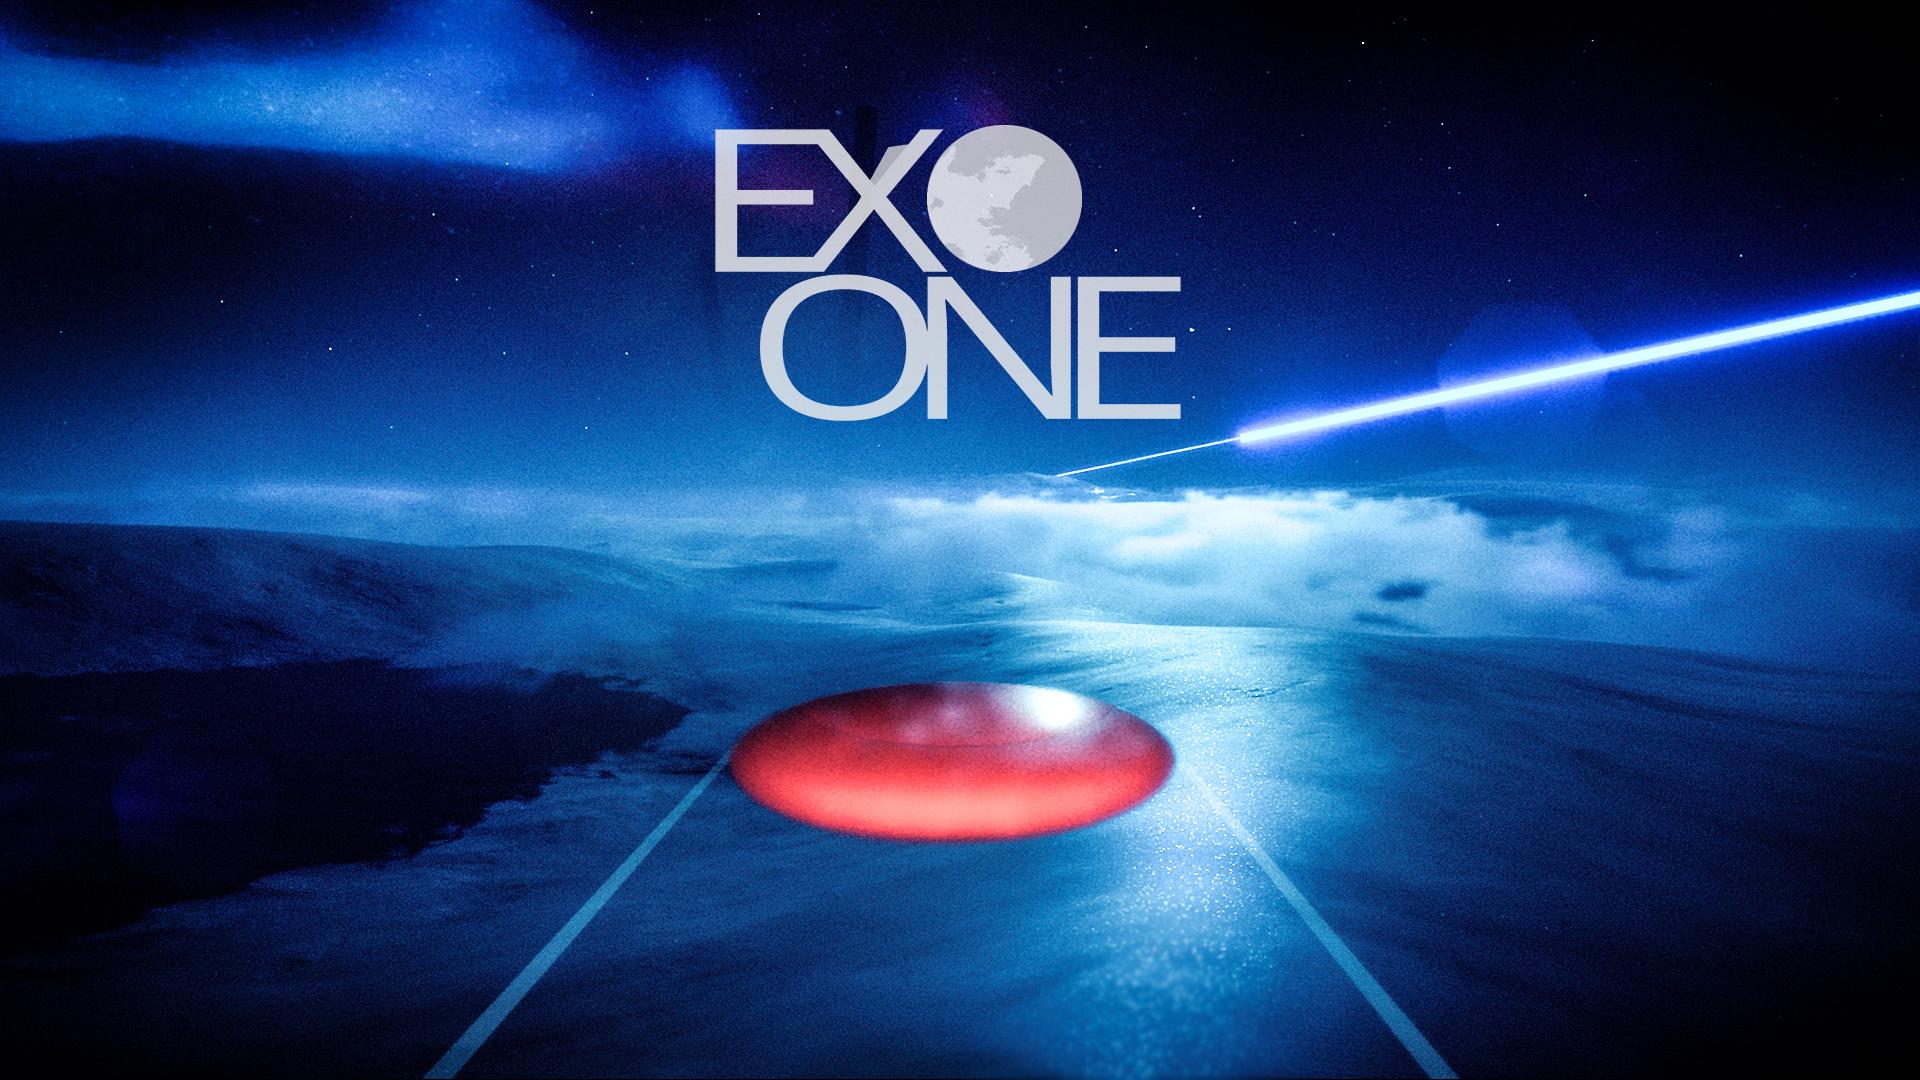 EXO-ONE-Kickstarter1080p_B.jpg